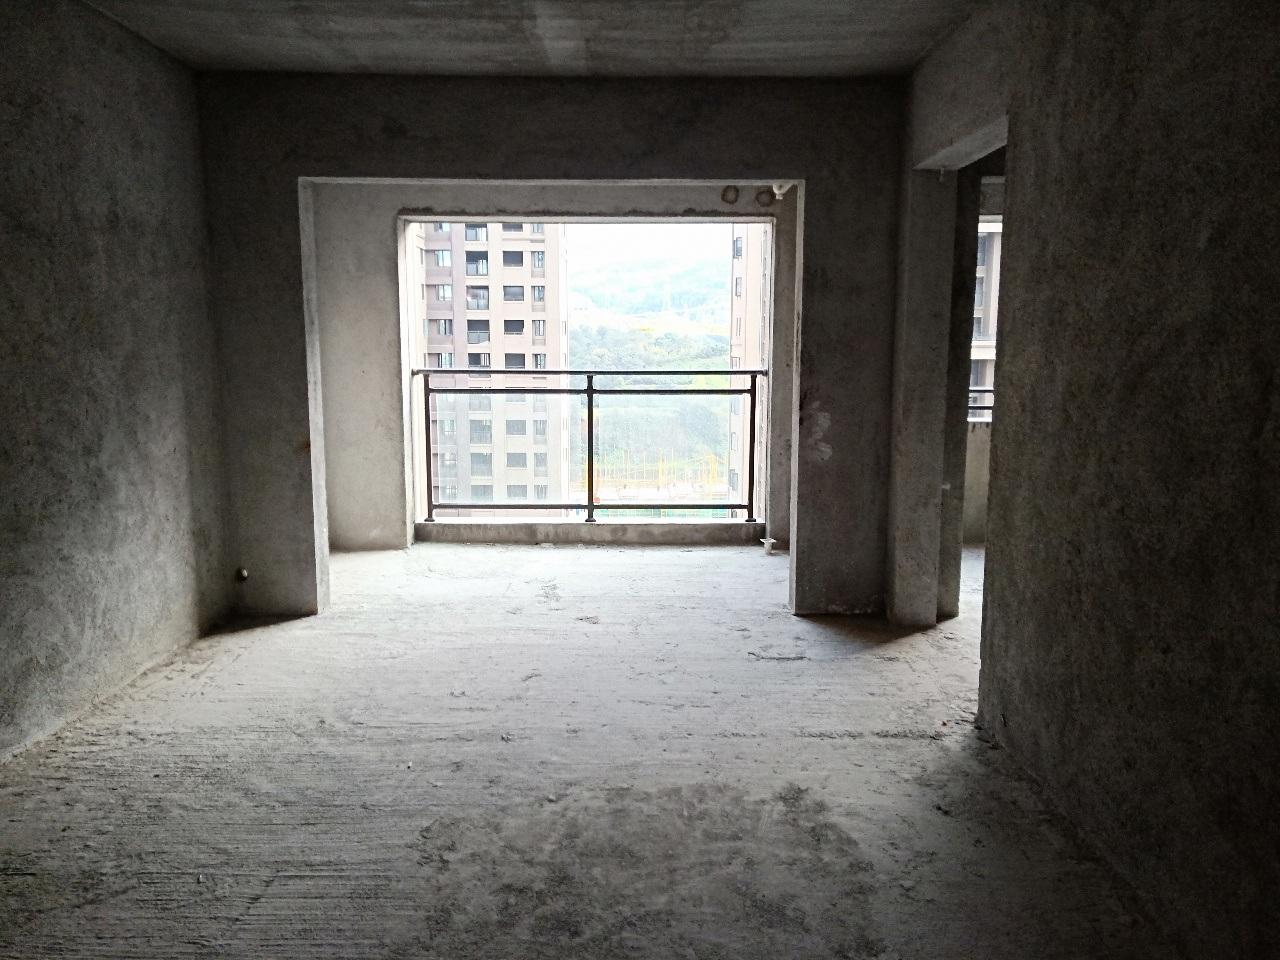 尚学领地3期高楼层131平毛坯标准四房